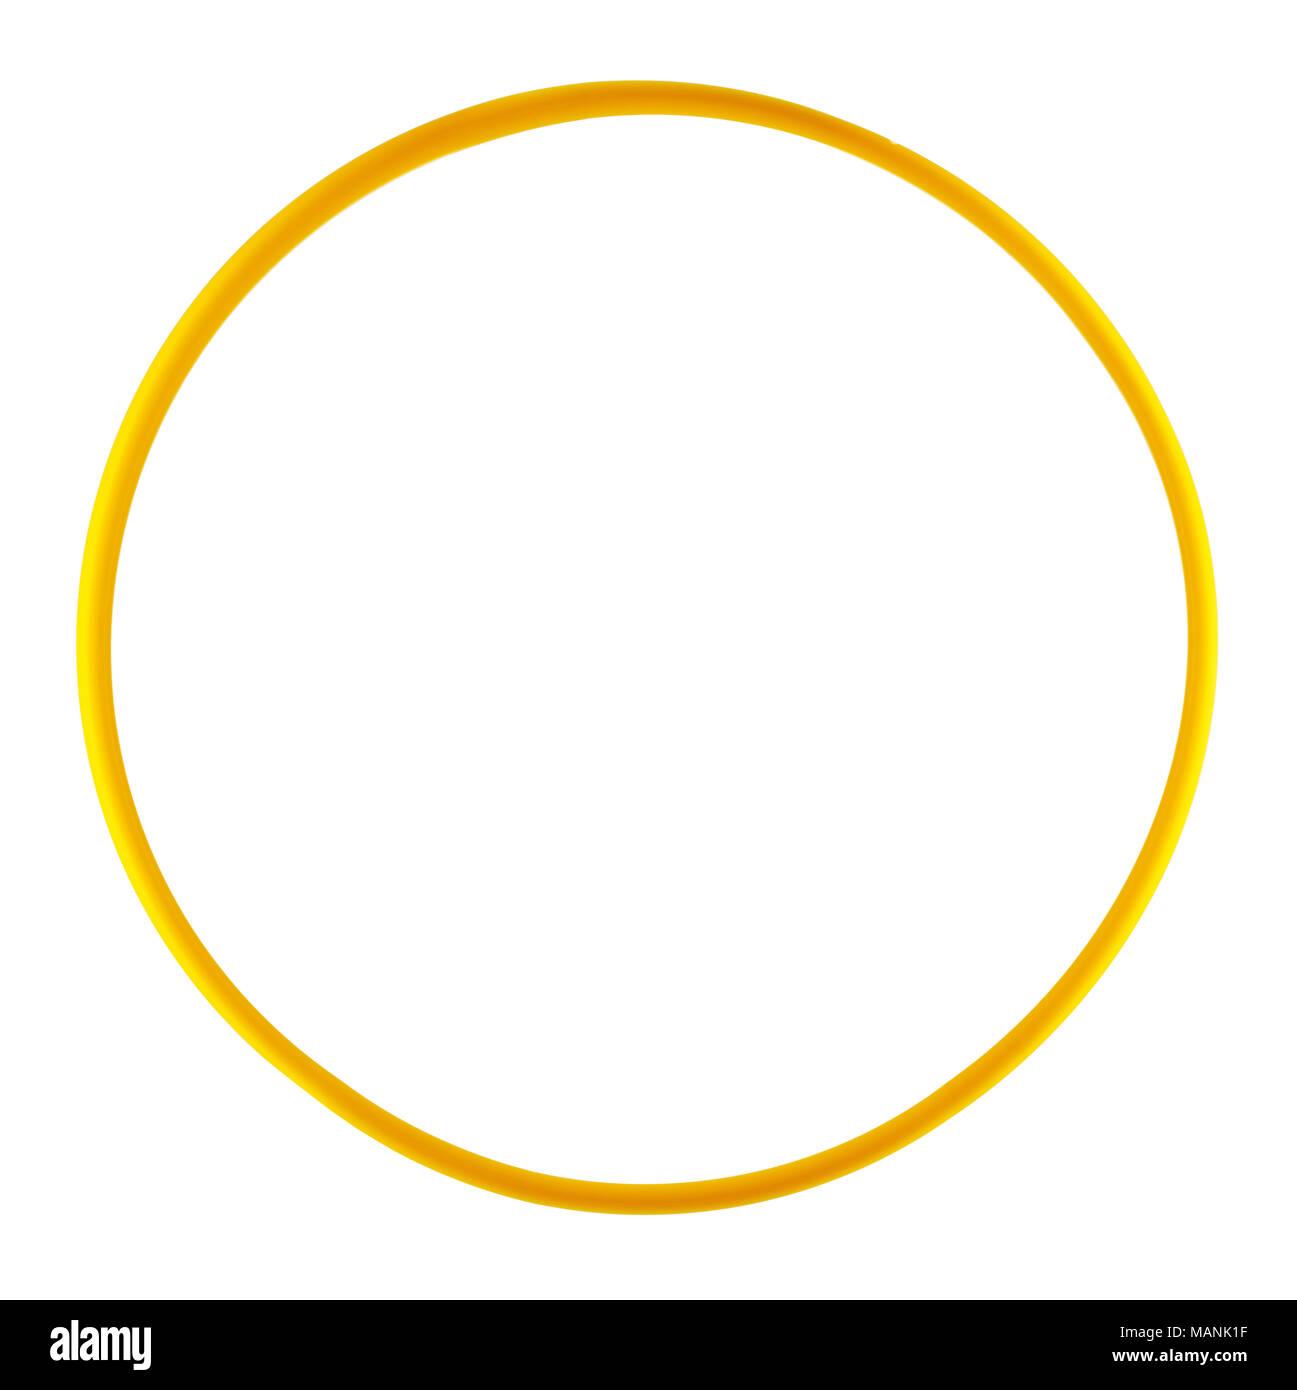 Plastic bangle  isolated on white background - Stock Image